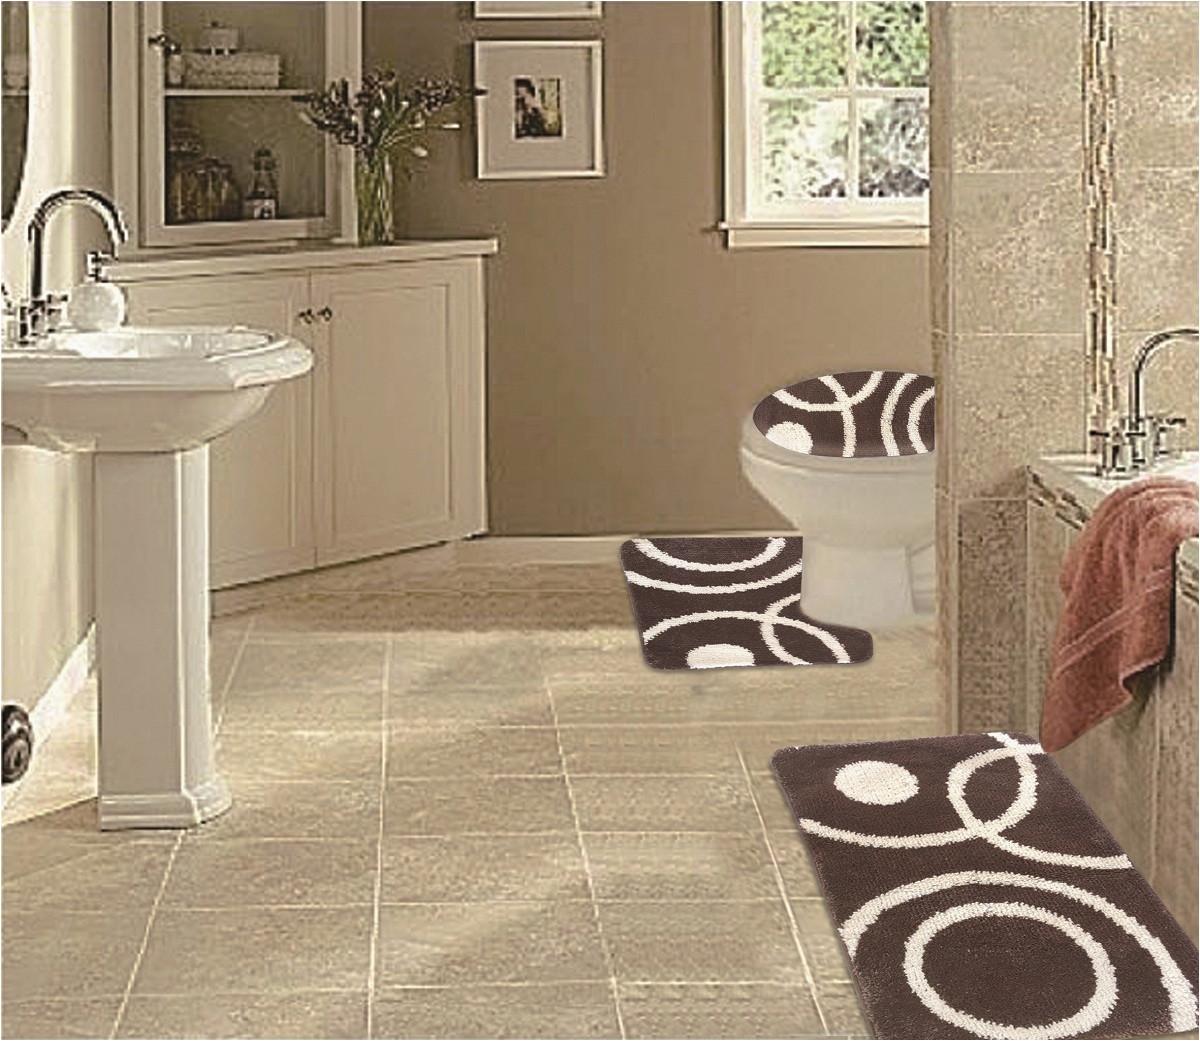 3 Piece Rug Set Bathroom Wpm 3 Piece Bath Rug Set Circle Pattern Bathroom Rug